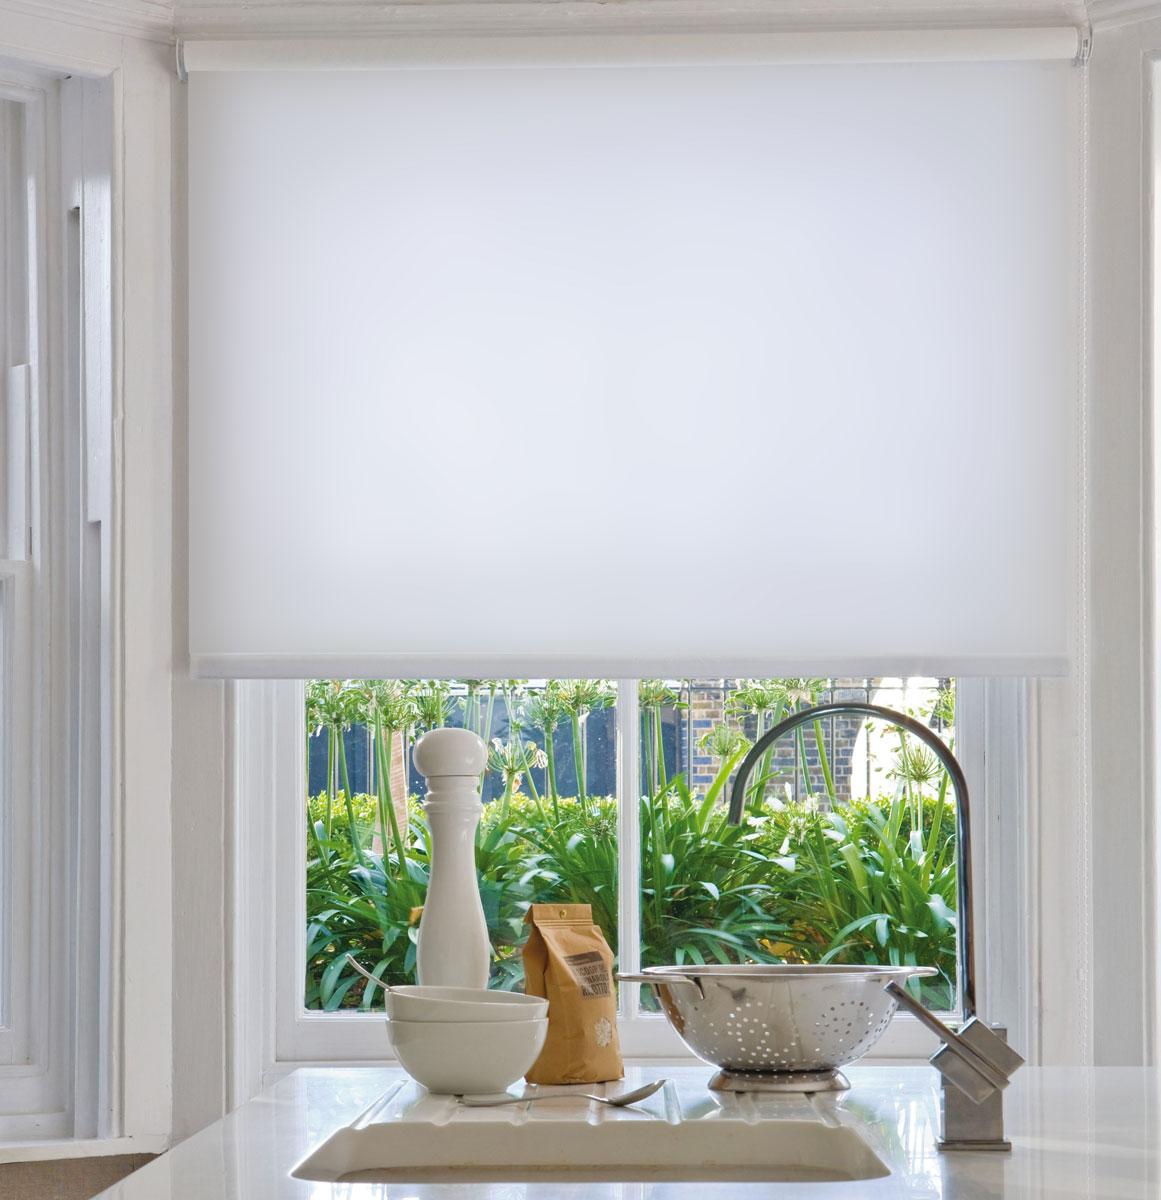 Штора рулонная KauffOrt Миниролло, светонепроницаемая, цвет: белый, ширина 48 см, высота 170 см94048007Рулонная штора KauffOrt Миниролло выполнена из высокопрочной полностью светонепроницаемой ткани белого цвета, которая сохраняет свой размер даже при намокании. Ткань не выцветает и обладает отличной цветоустойчивостью. Миниролло - это подвид рулонных штор, который закрывает не весь оконный проем, а непосредственно само стекло. Такие шторы крепятся на раму без сверления при помощи зажимов или клейкой двухсторонней ленты. Окно остаётся на гарантии, благодаря монтажу без сверления. Такая штора станет прекрасным элементом декора окна и гармонично впишется в интерьер любого помещения.